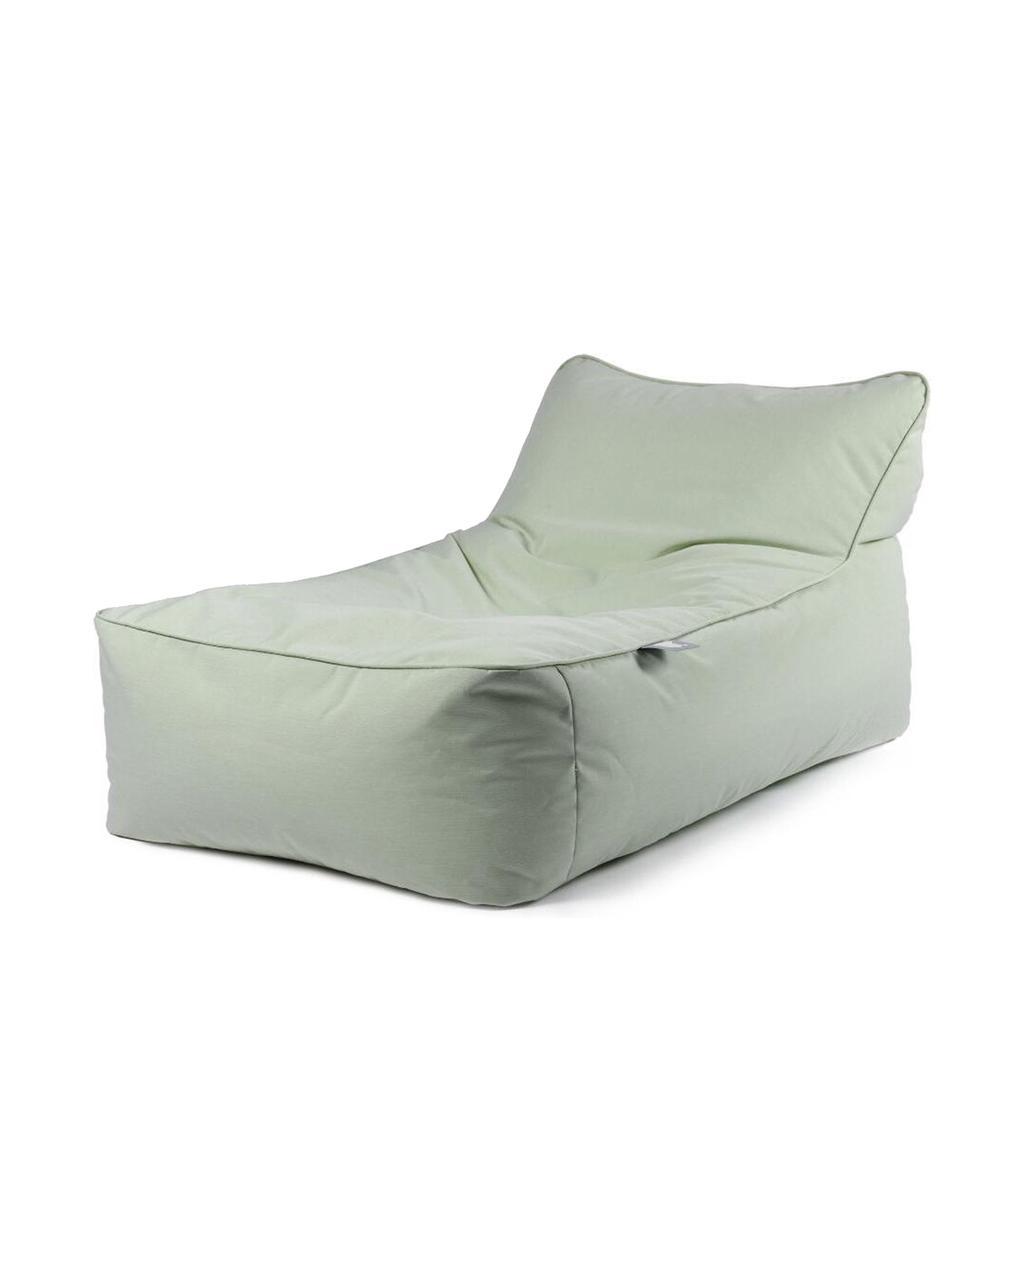 vtwonen juli 2021 | Loungebed met een mint kleur